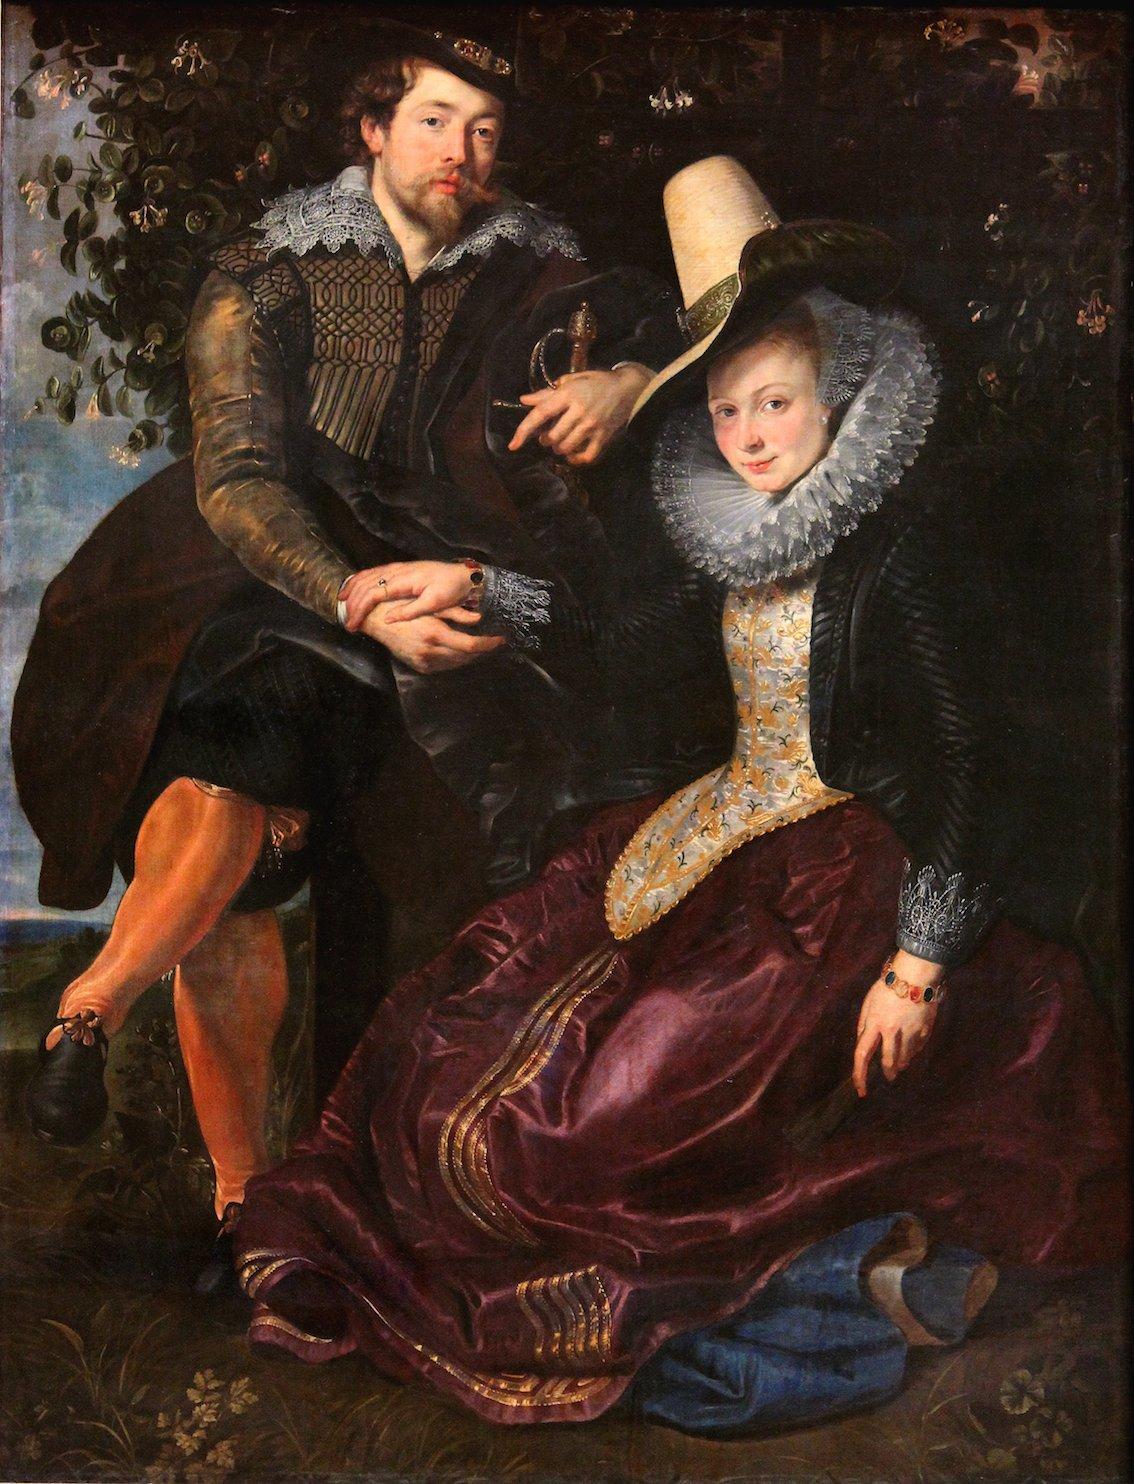 ルーベンスとイザベラの肖像